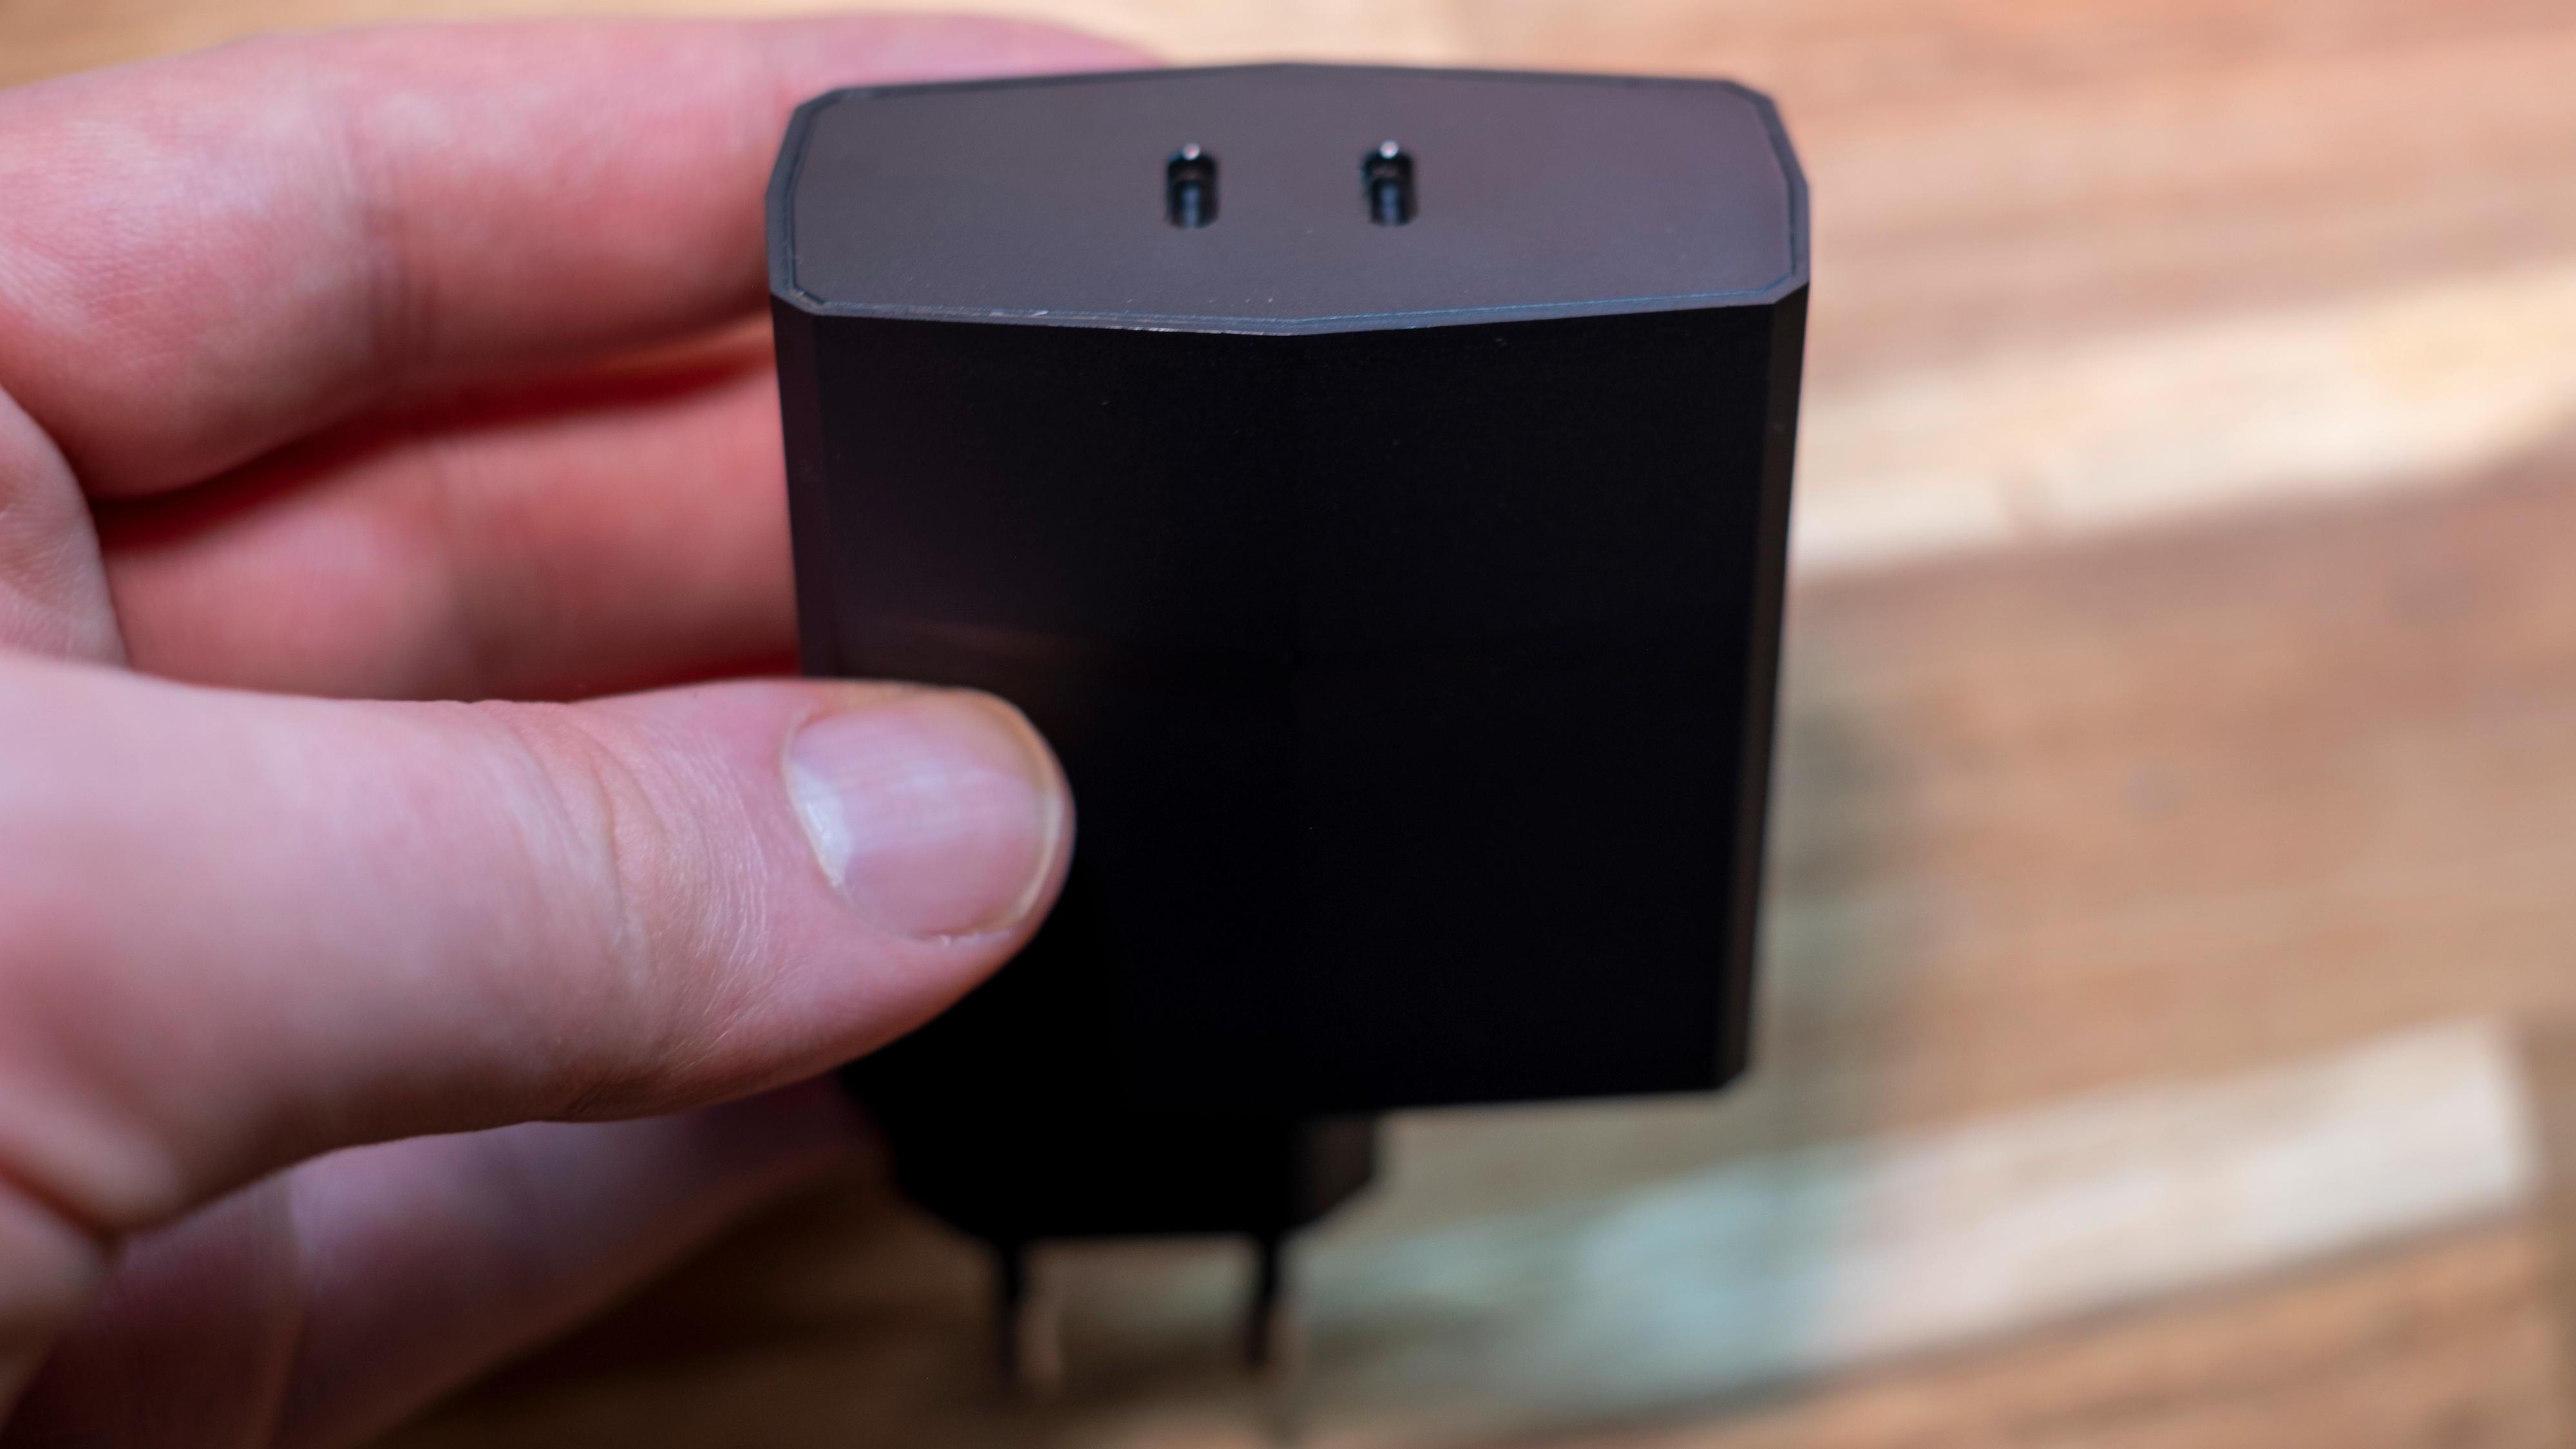 En fysisk voksen lader med to USB-C-tilkoblinger følger med. Den kan lade to USB-C-produkter samtidig, eller så kan den lade Legion Duel ekstra fort med en kabel til hver ladeport.